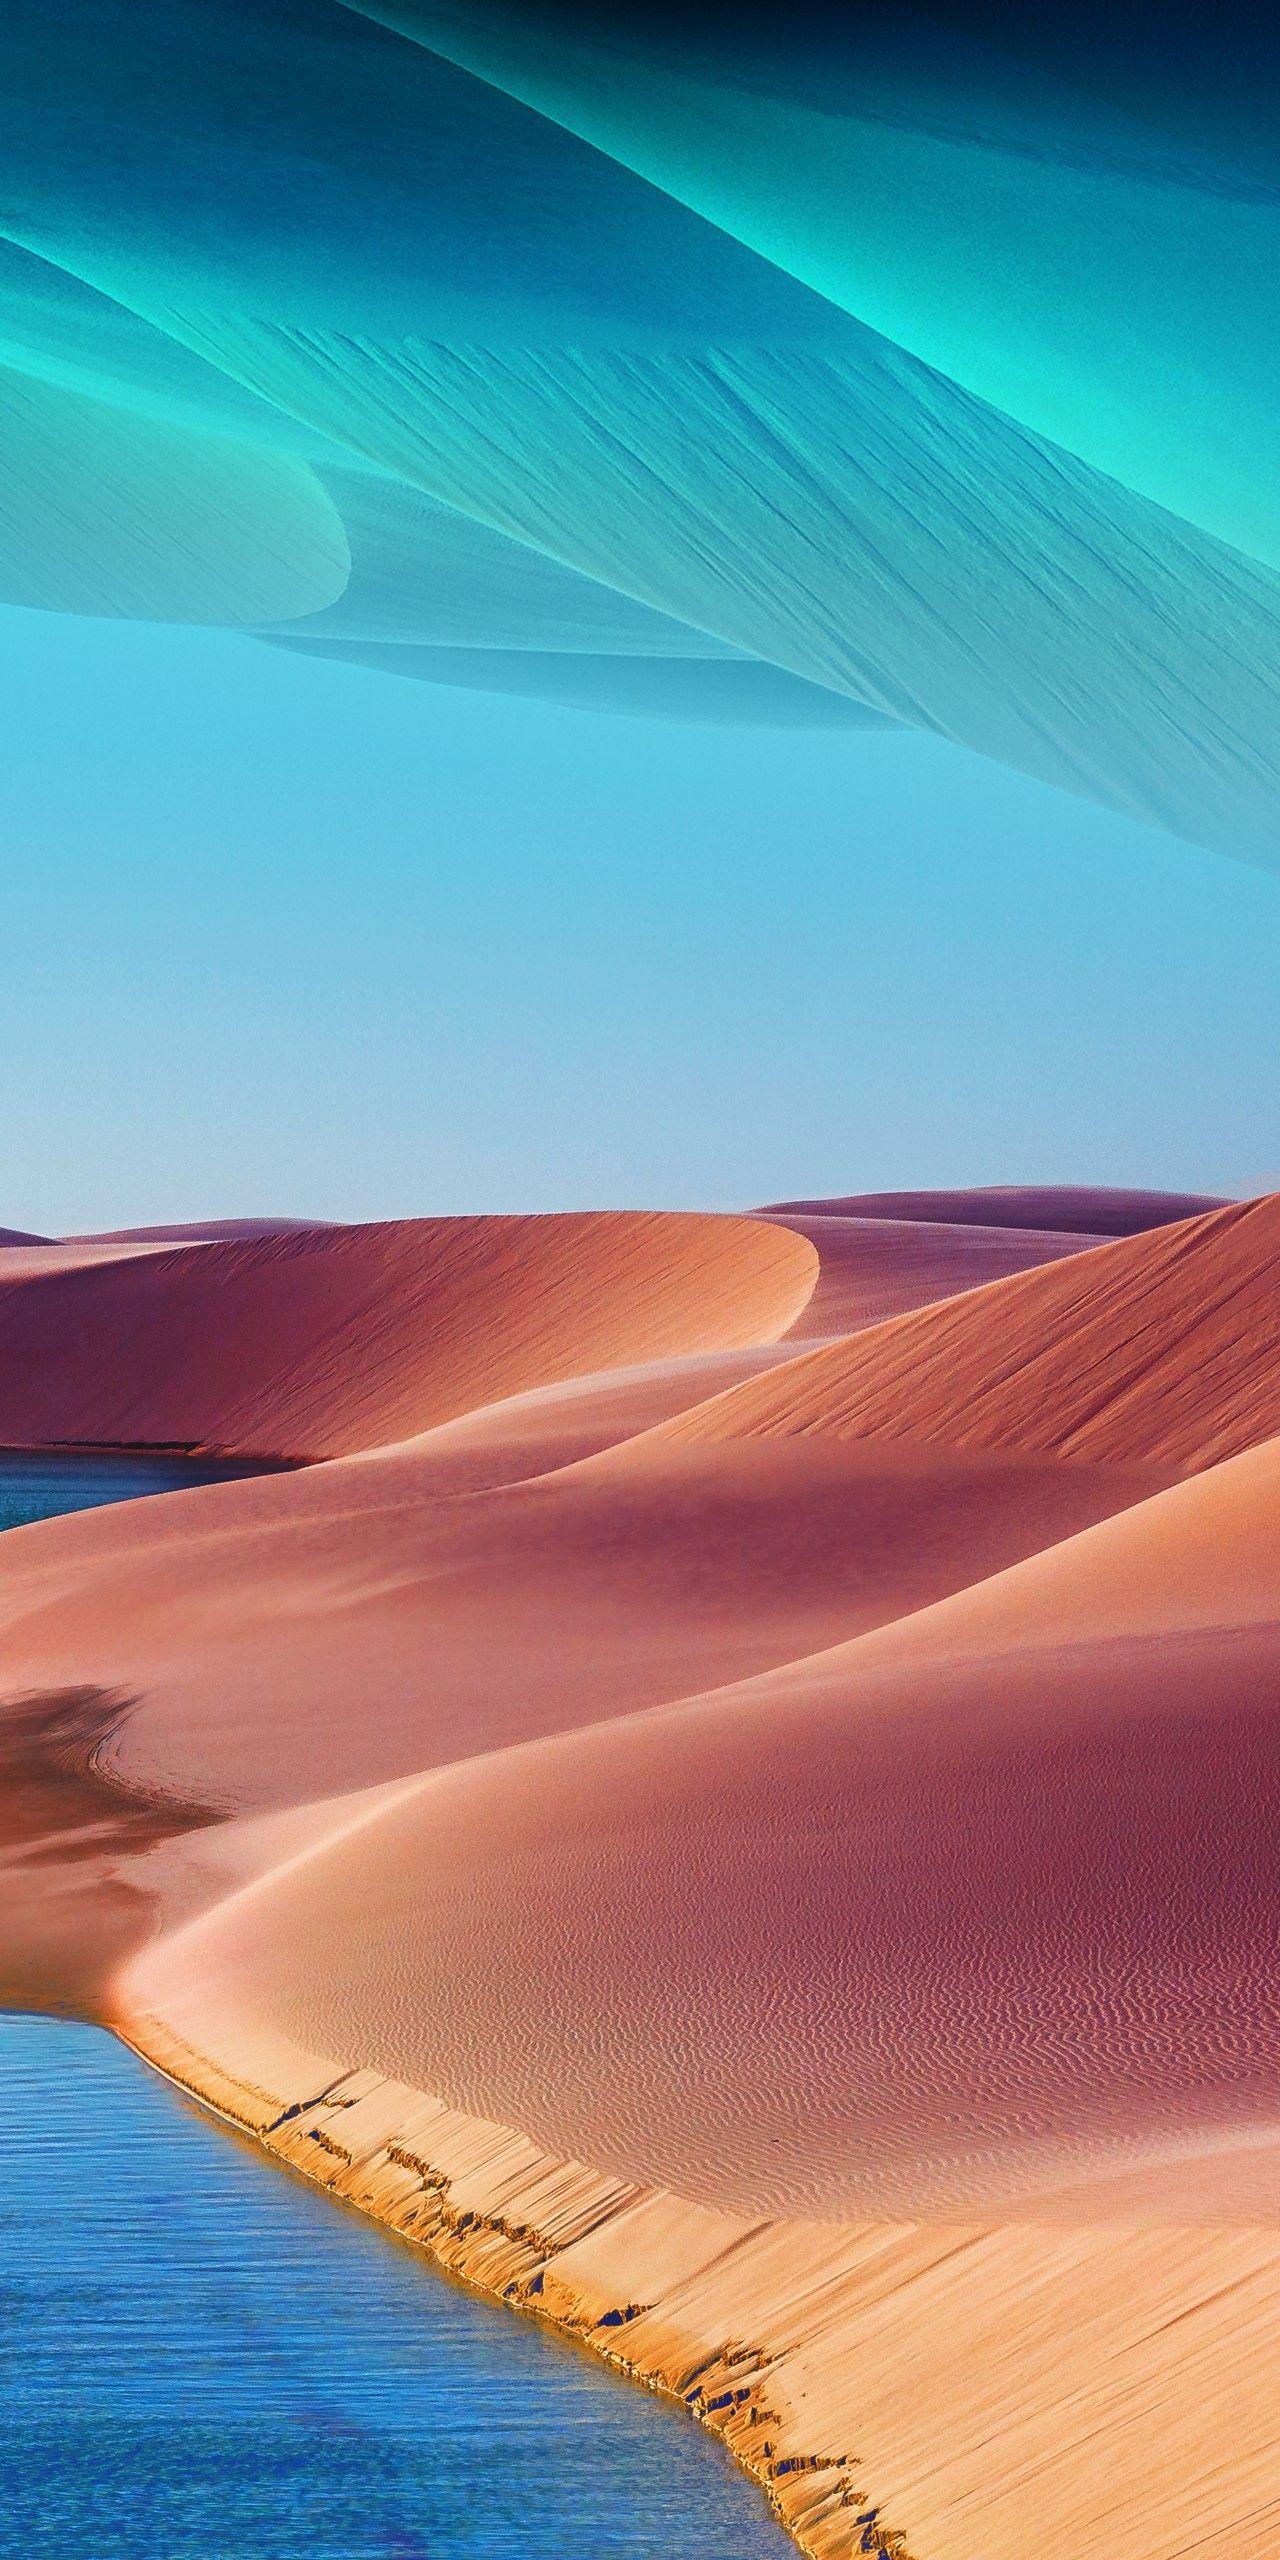 Galaxy M10 Qhd Wallpaper Landscape Wallpaper Color Wallpaper Iphone